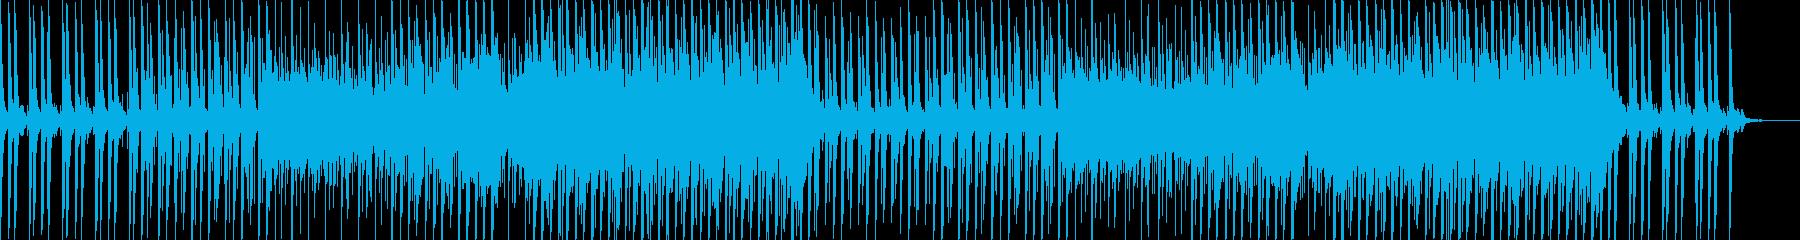 映像に、落ち着いたFuturePop1aの再生済みの波形